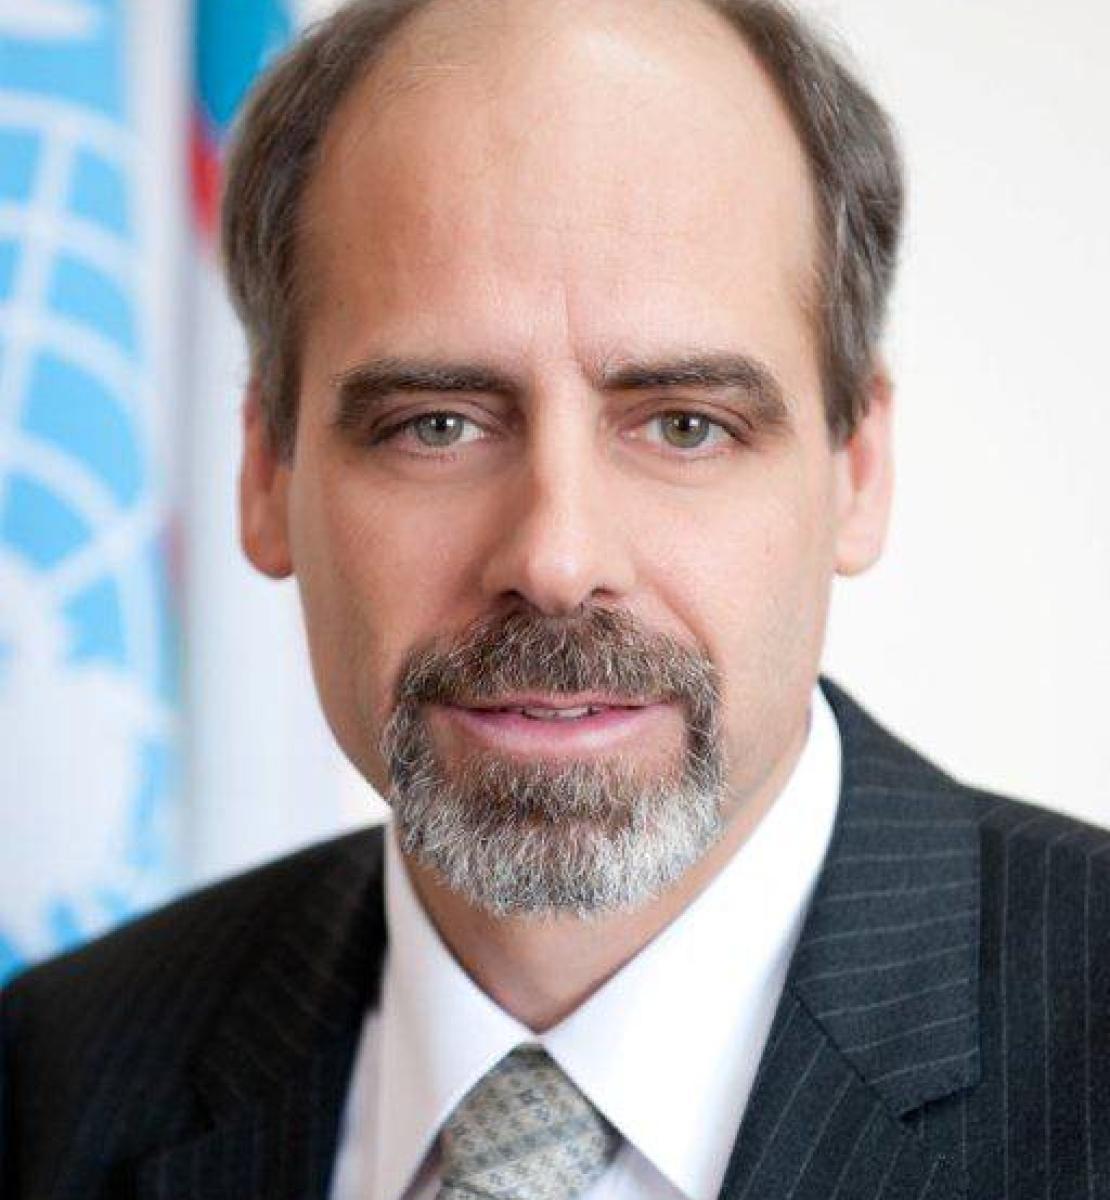 一个男人直视镜头,背景是联合国的旗帜。